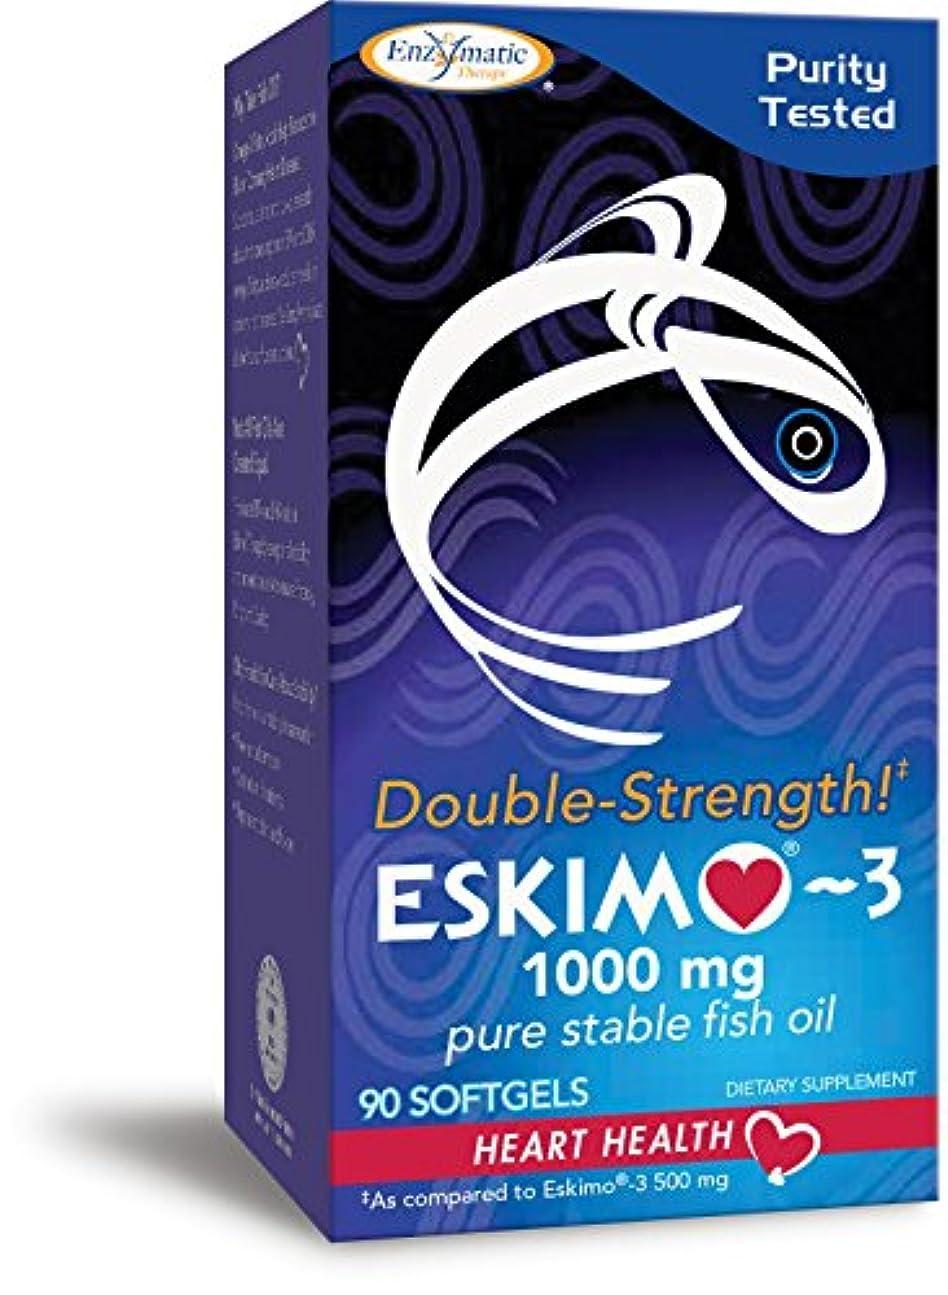 サイクロプスストレンジャー蚊海外直送品 Enzymatic Therapy Eskimo-3 Double-Strength, Double Strength 90 softgels 1000 Mg